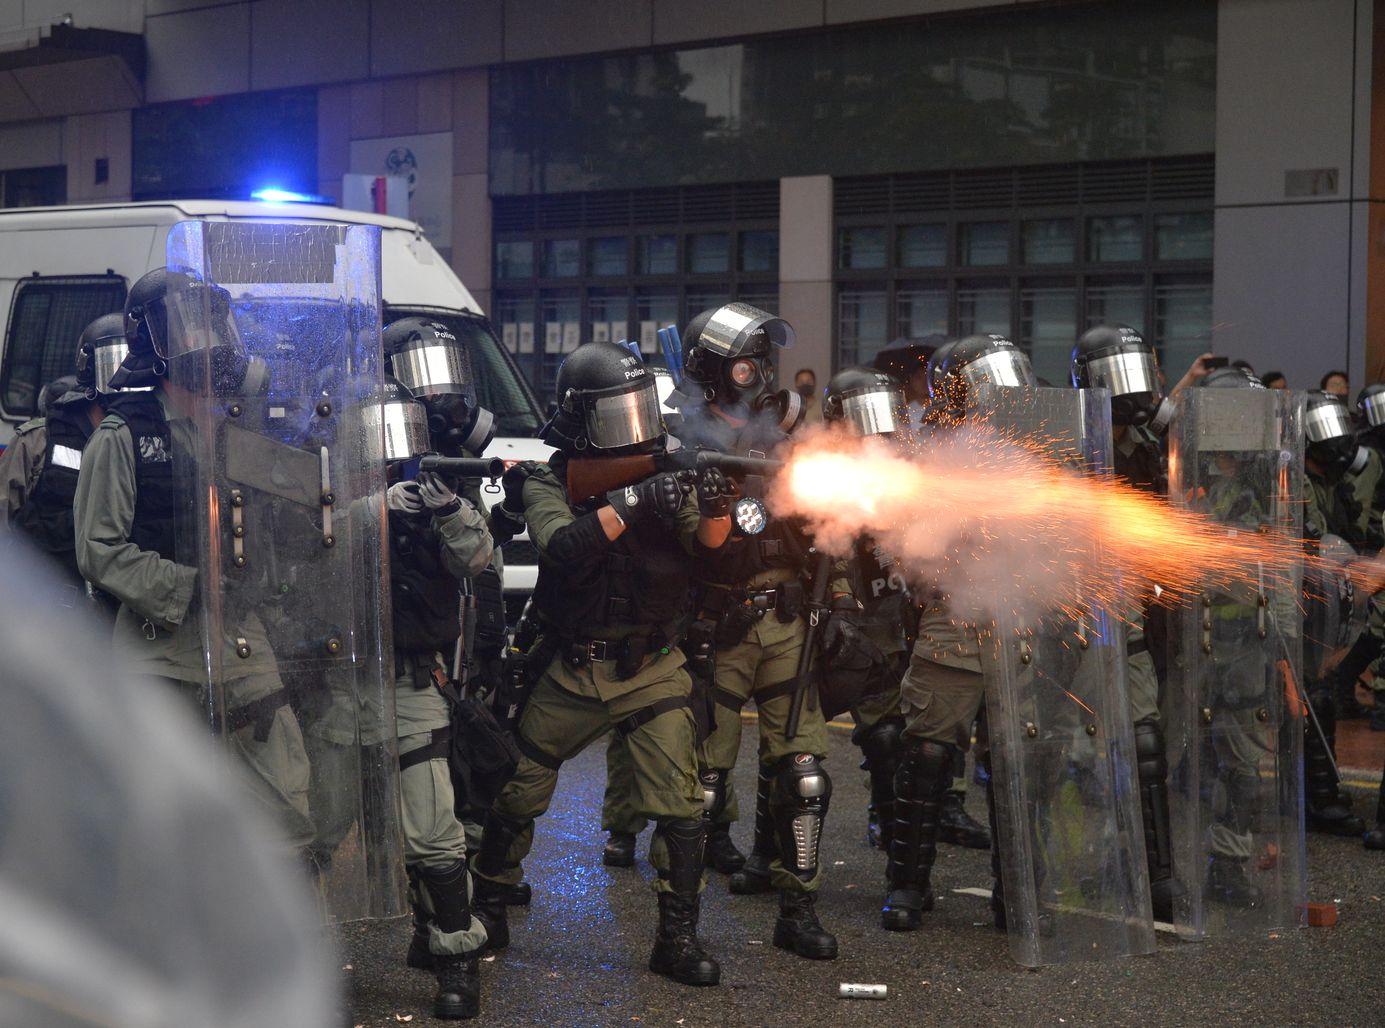 【逃犯条例】警方指周未无派员乔装示威者